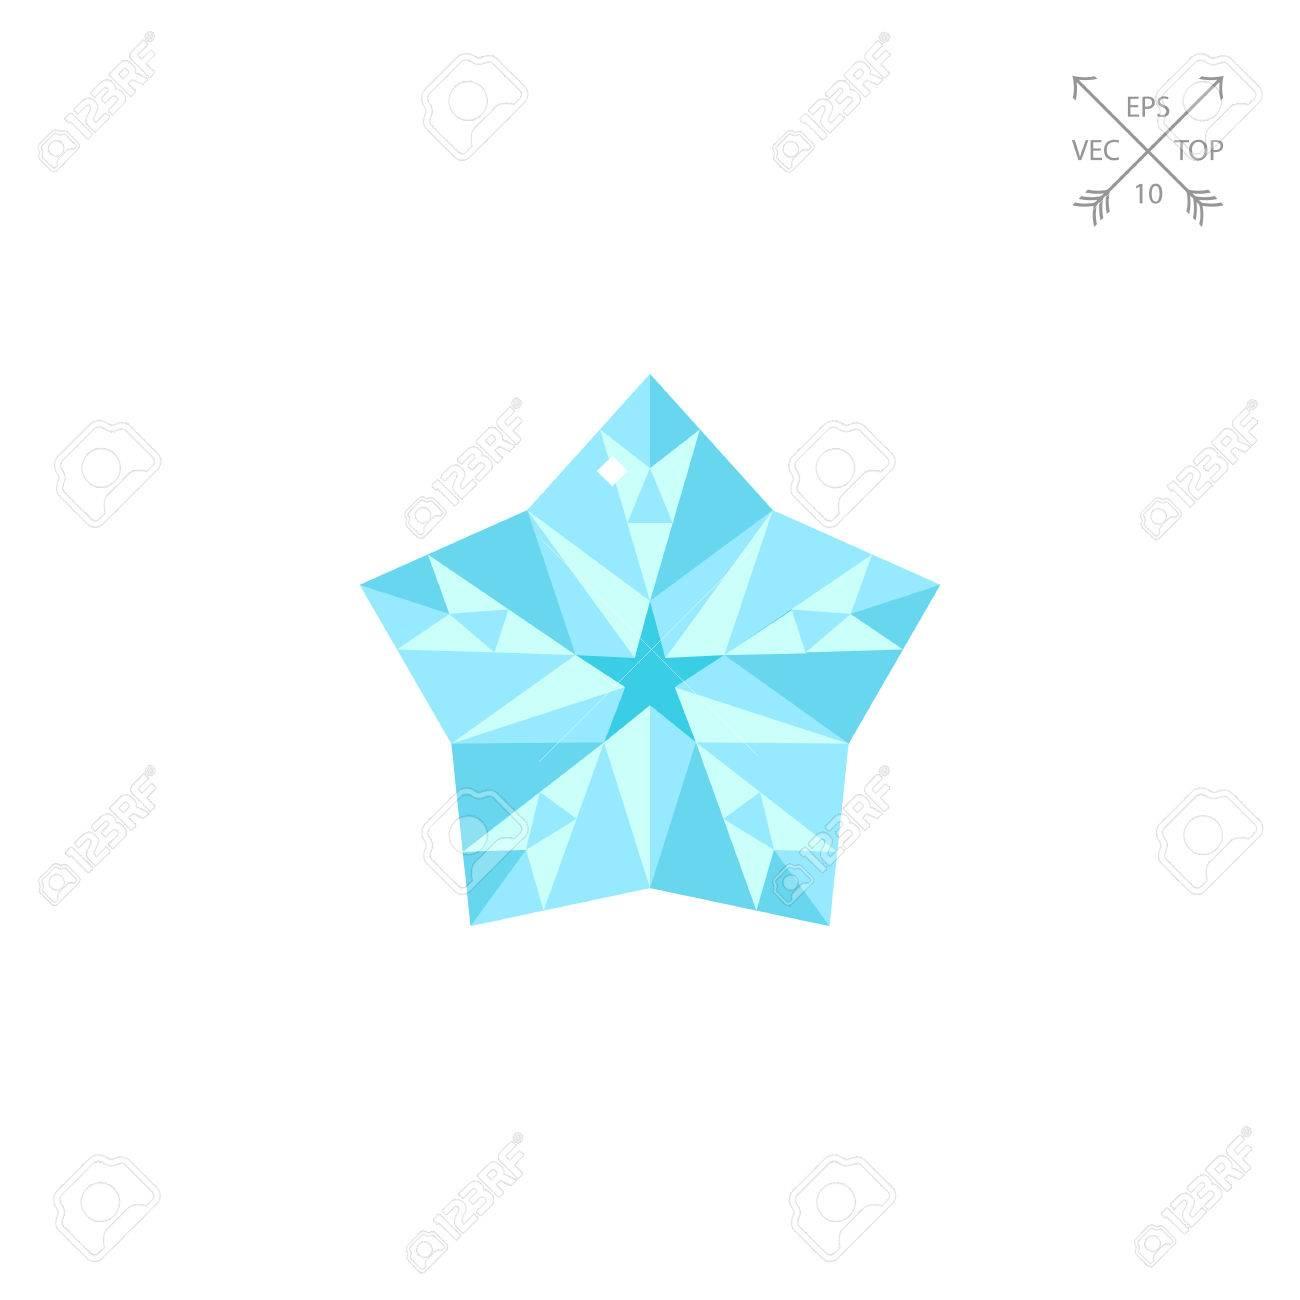 Shiny Diamond Star Vector Icon Stock